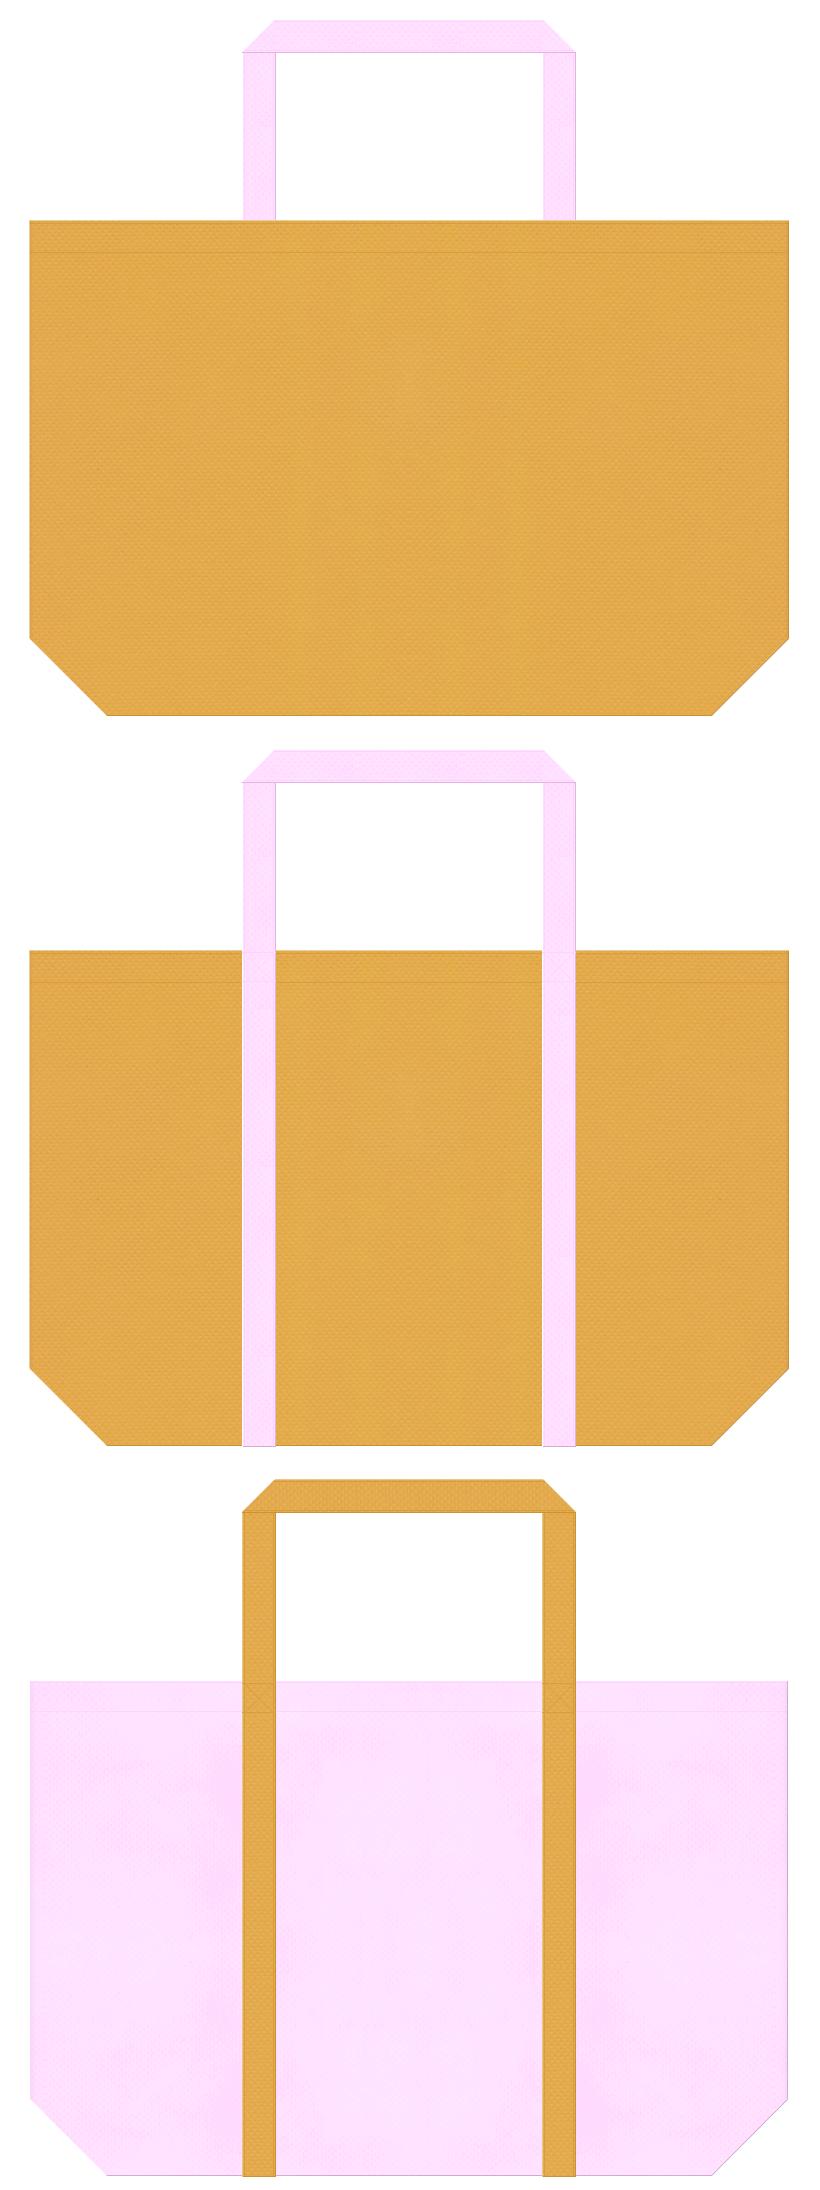 黄土色と明るいピンク色の不織布ショッピングバッグデザイン。ガーリーなイメージにお奨めの配色です。